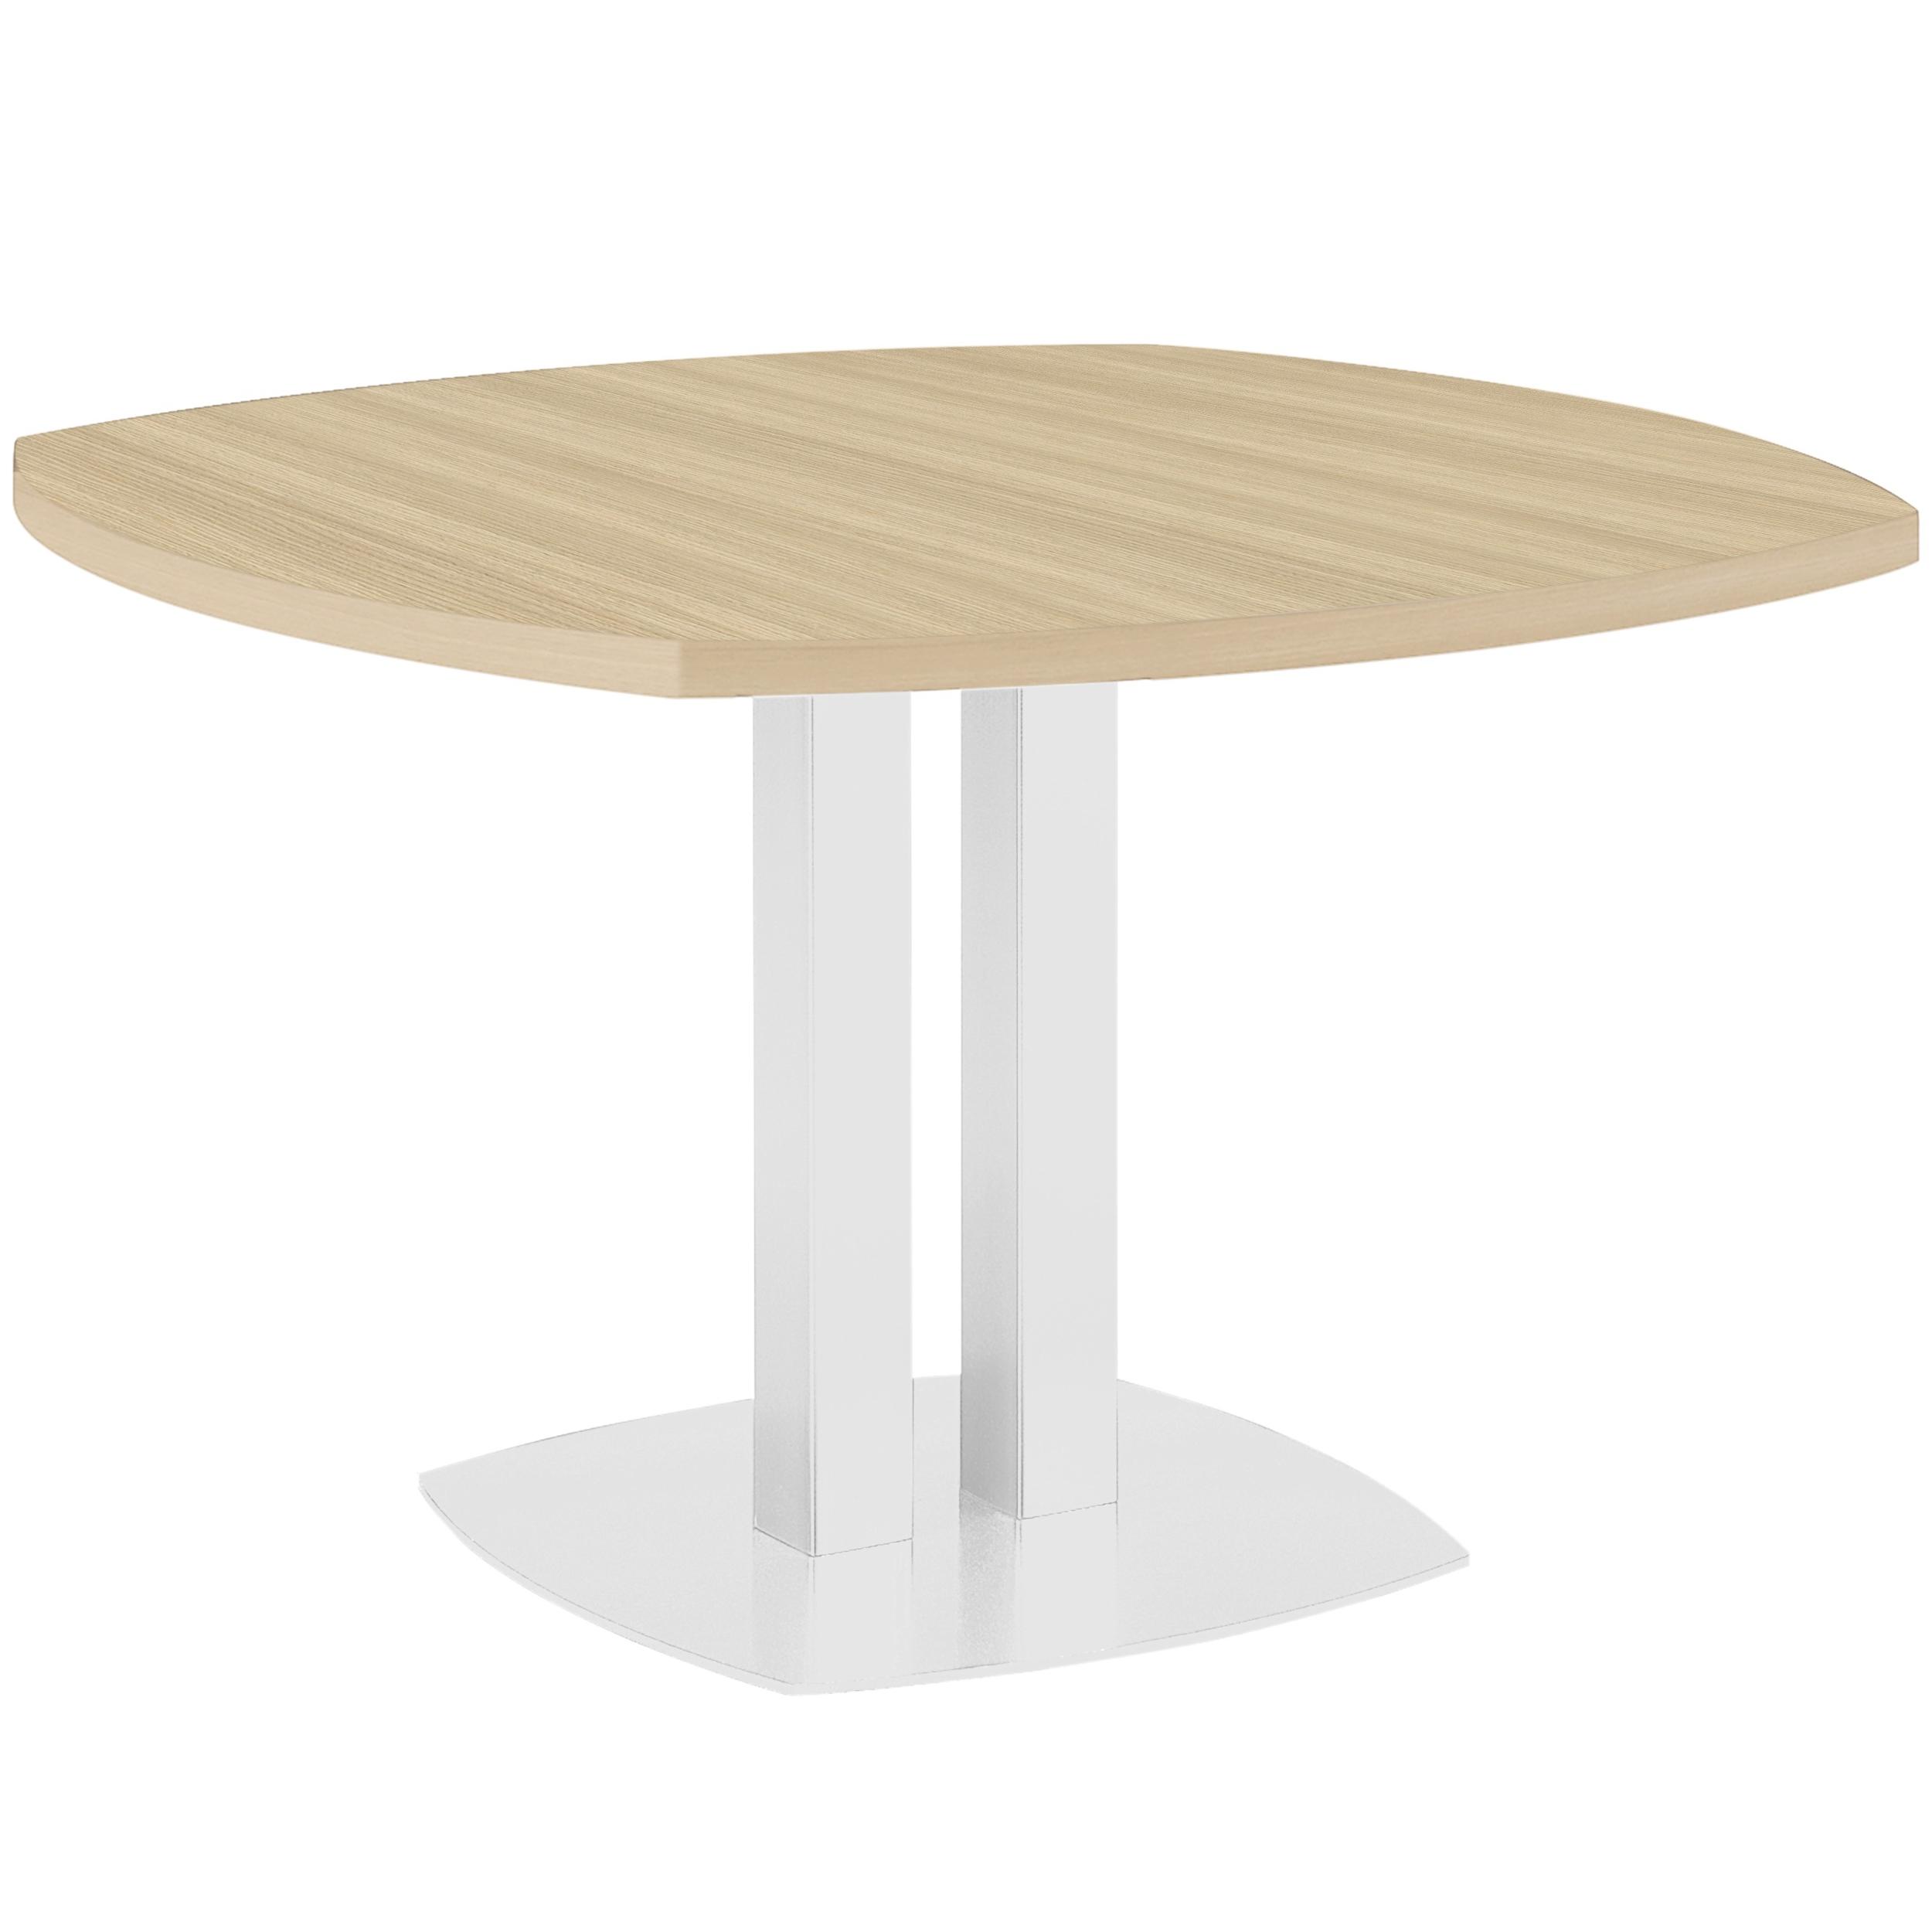 TABLE CHÊNE NATUREL PIED DOUBLE COLONNE BLANC